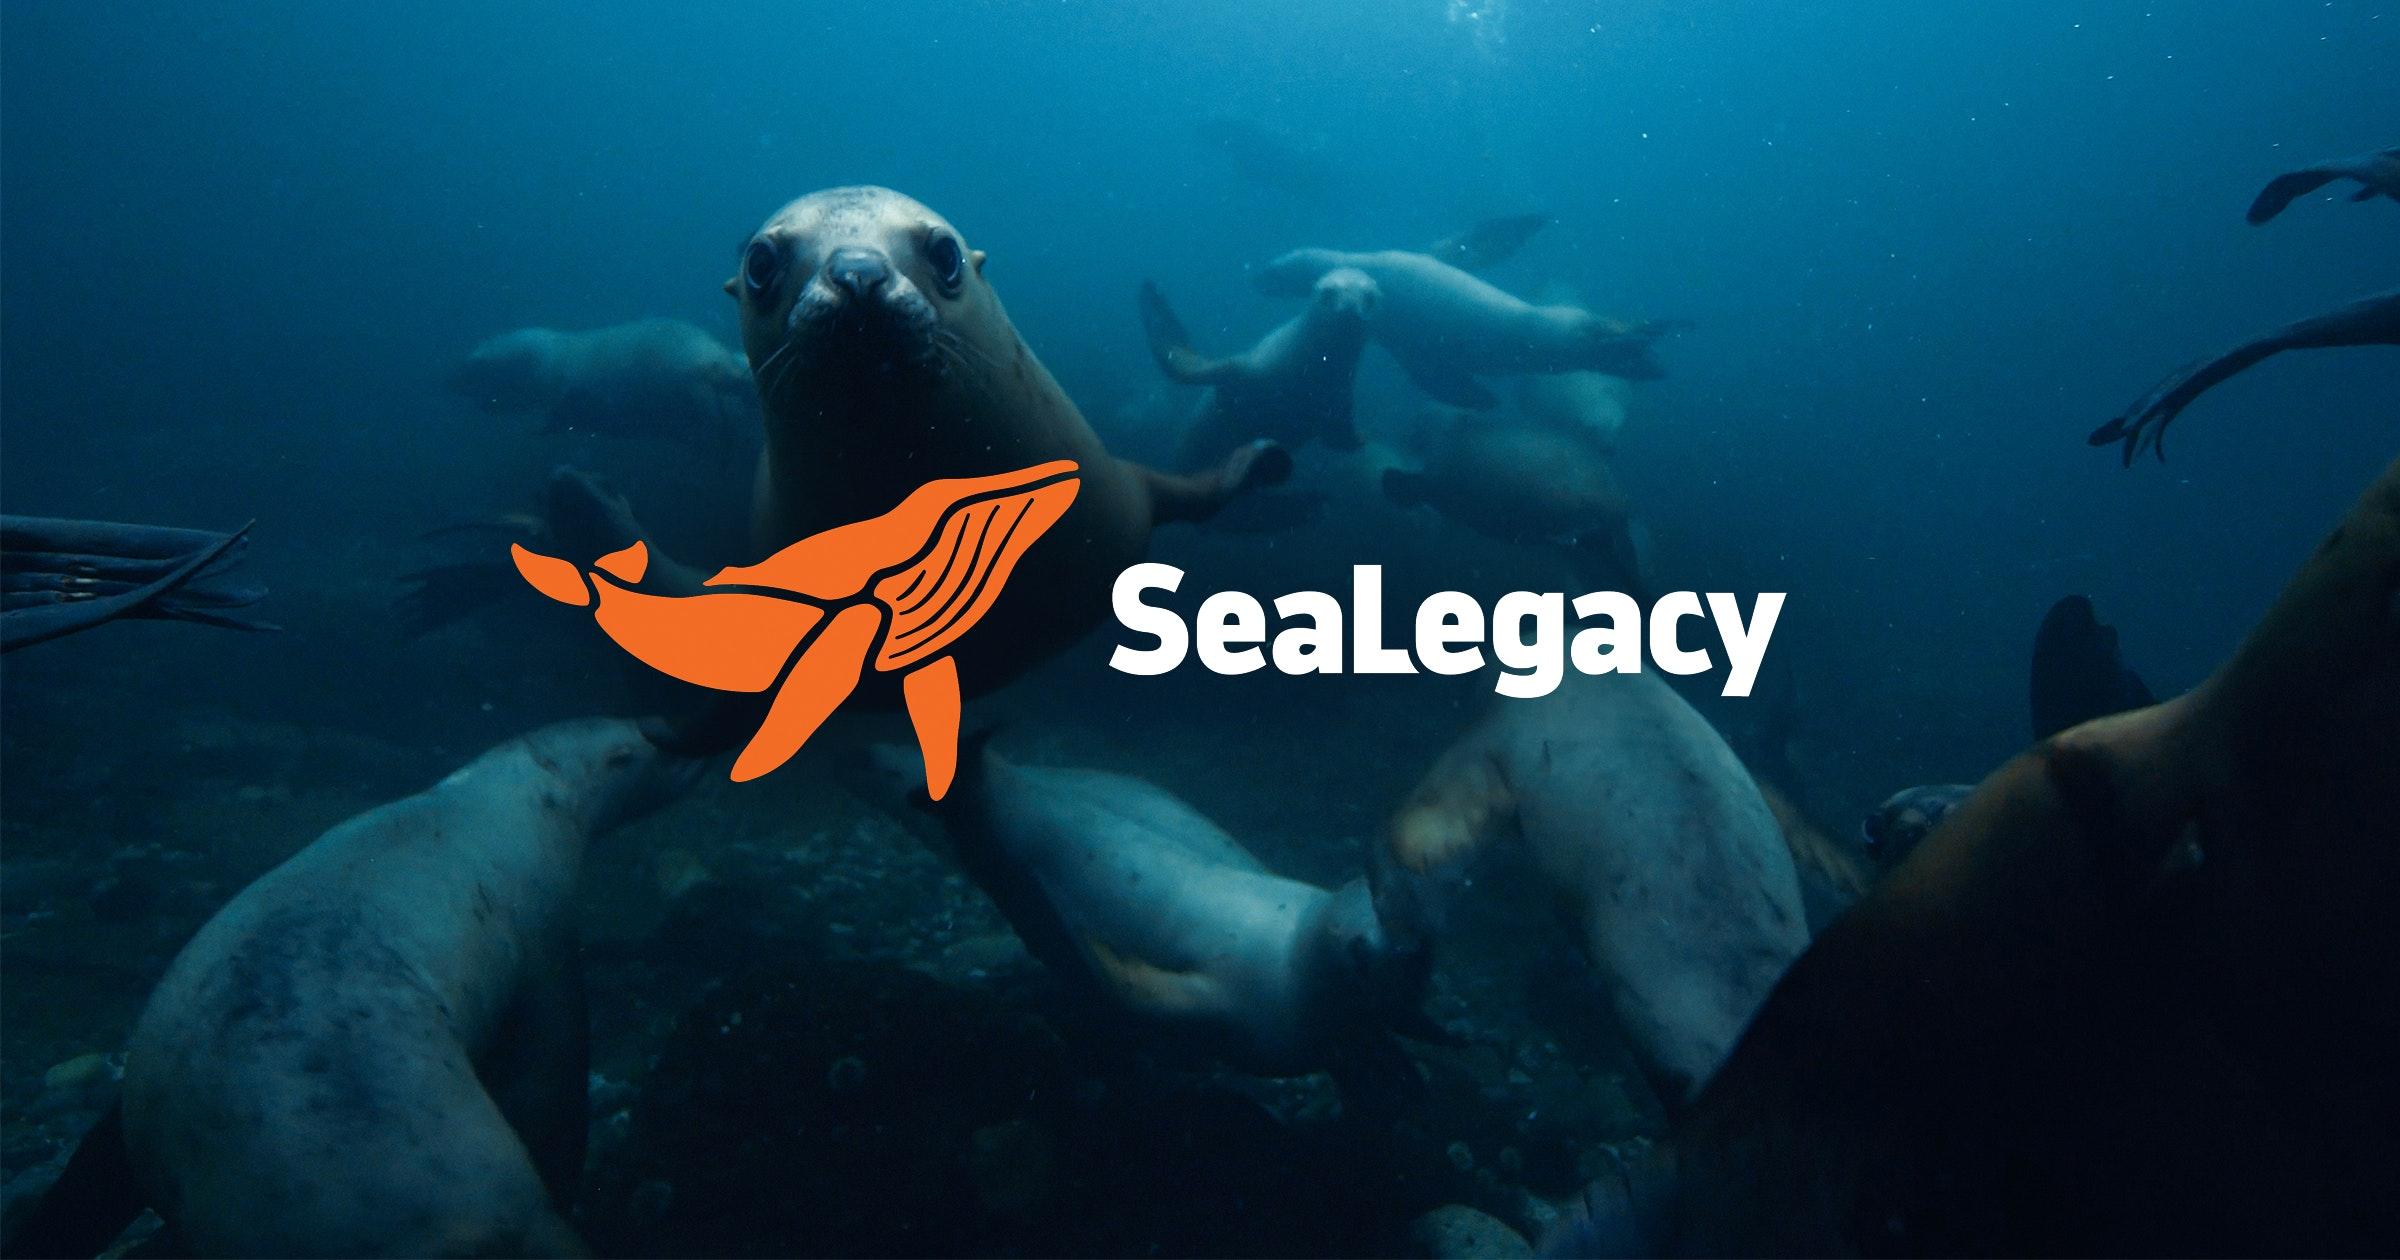 sealegacy-homepage-social-image.jpg